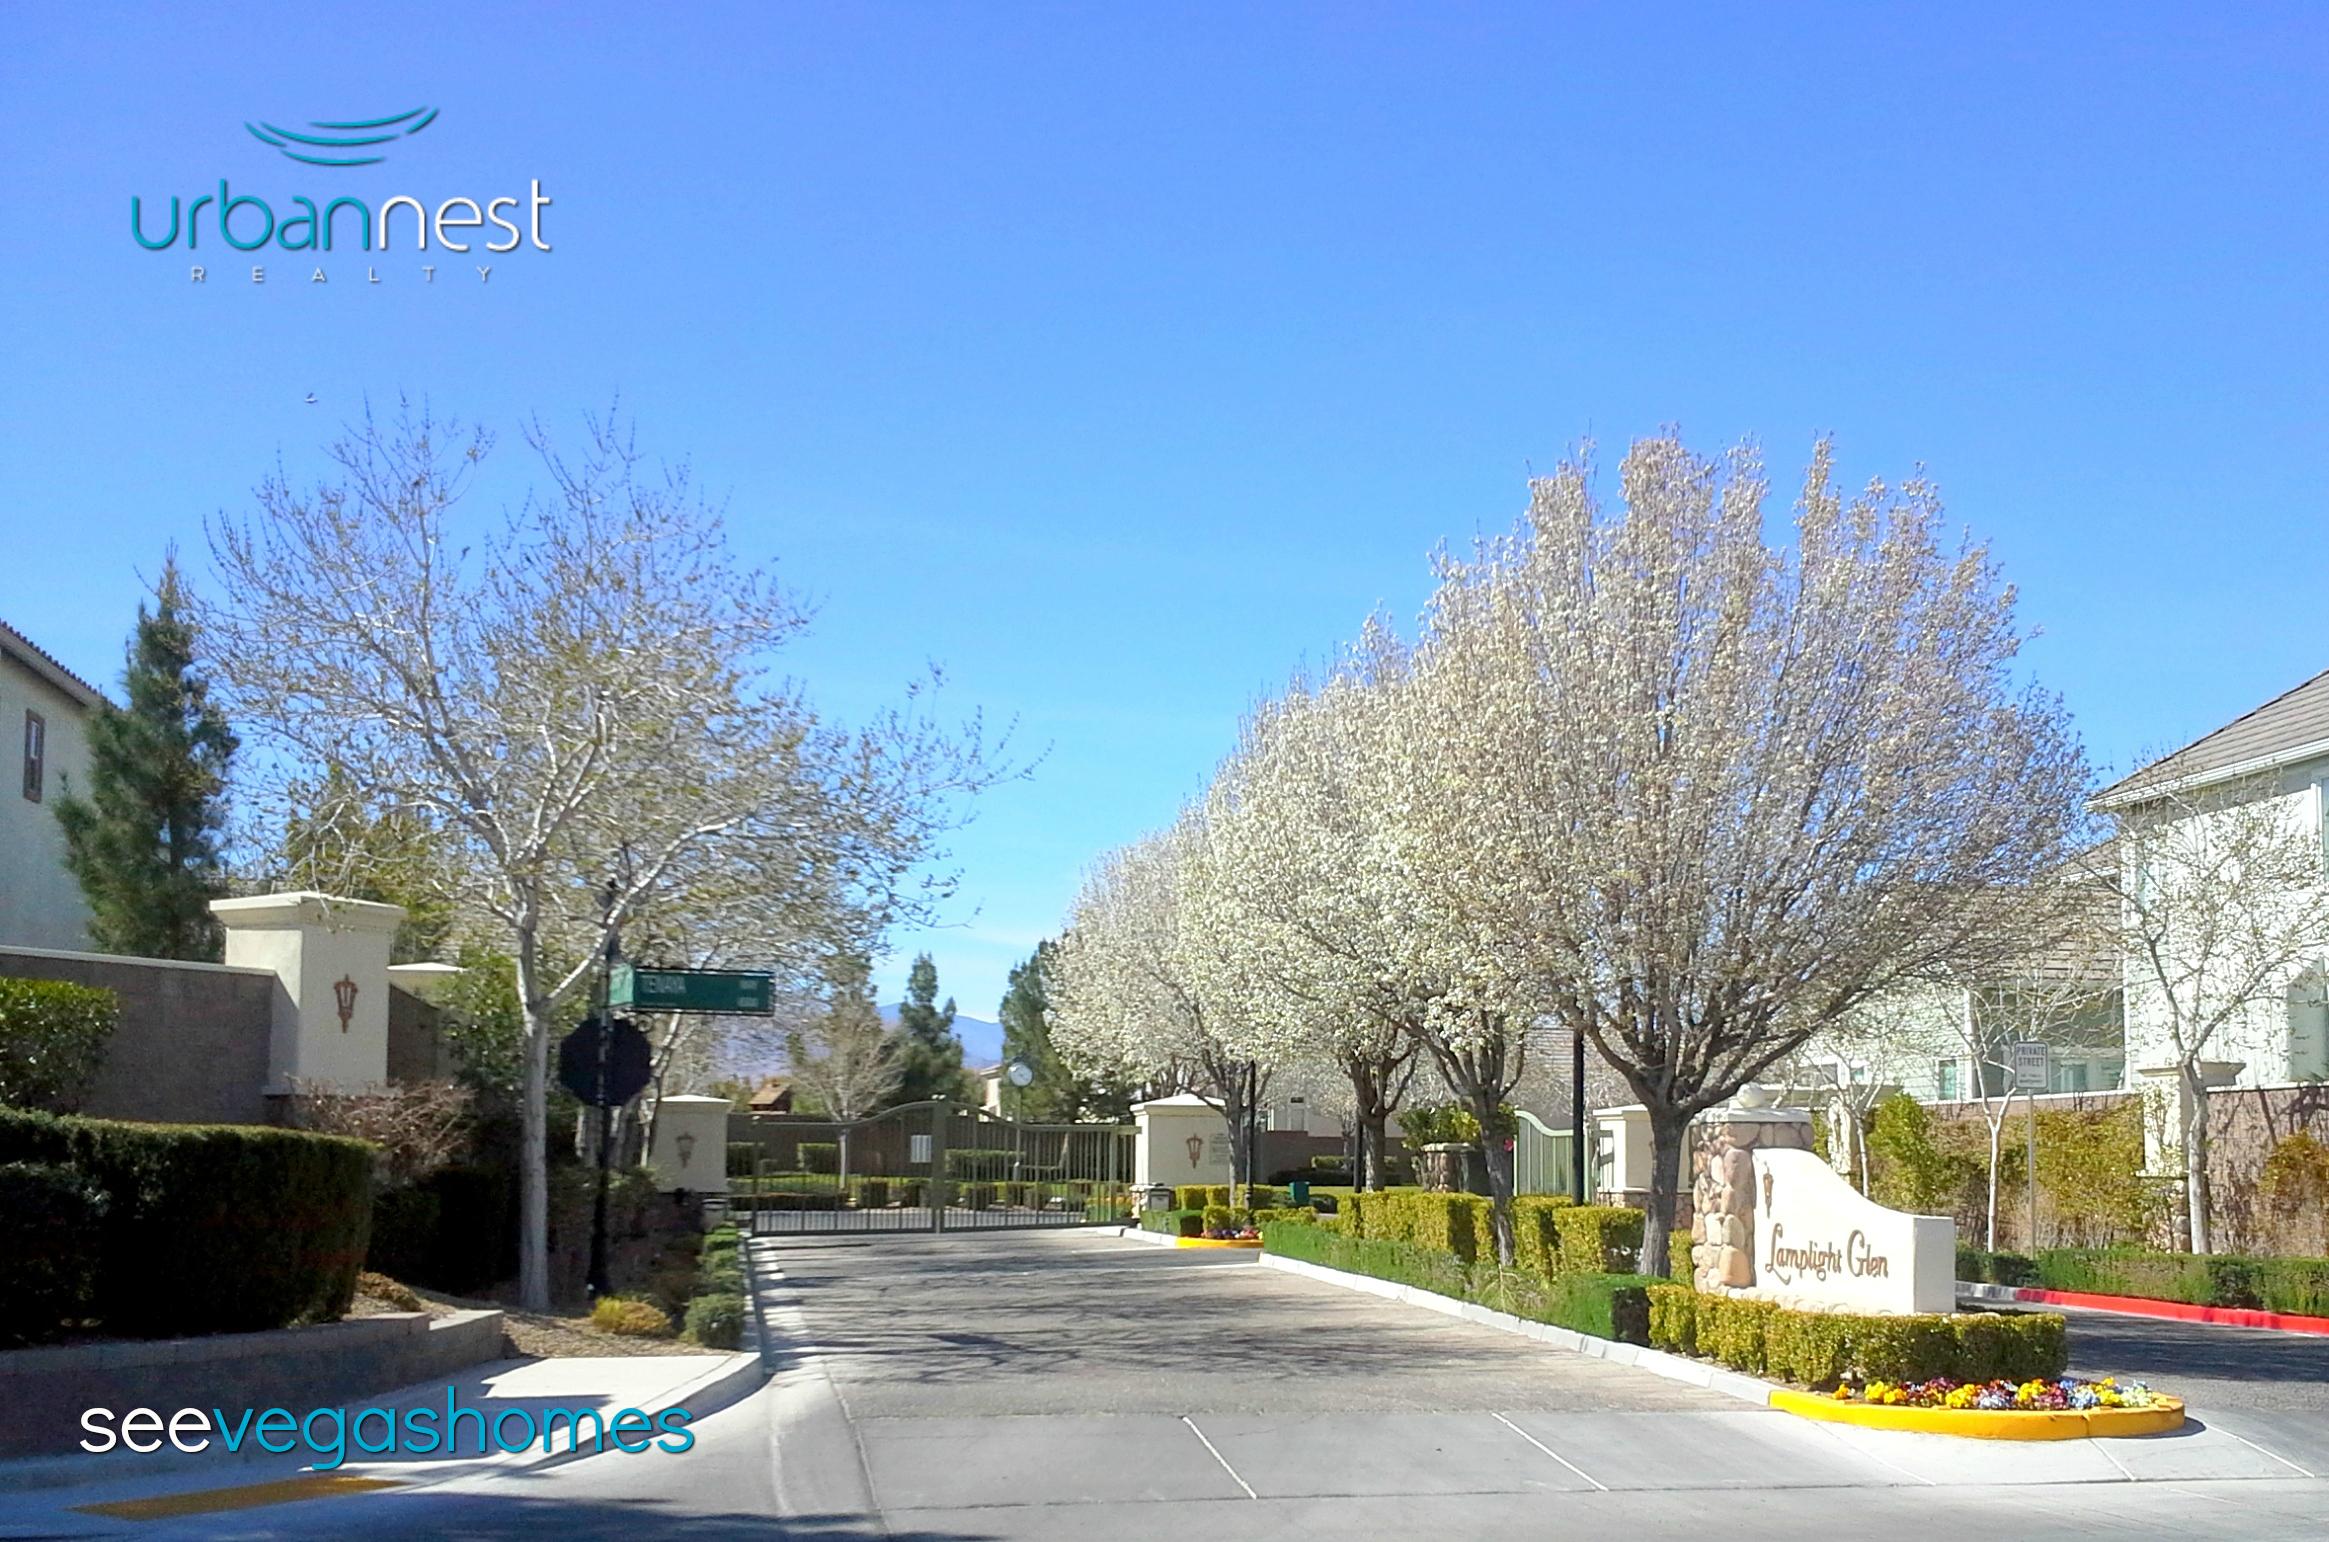 Lamplight Glen Las Vegas NV 89131 SeeVegasHomes